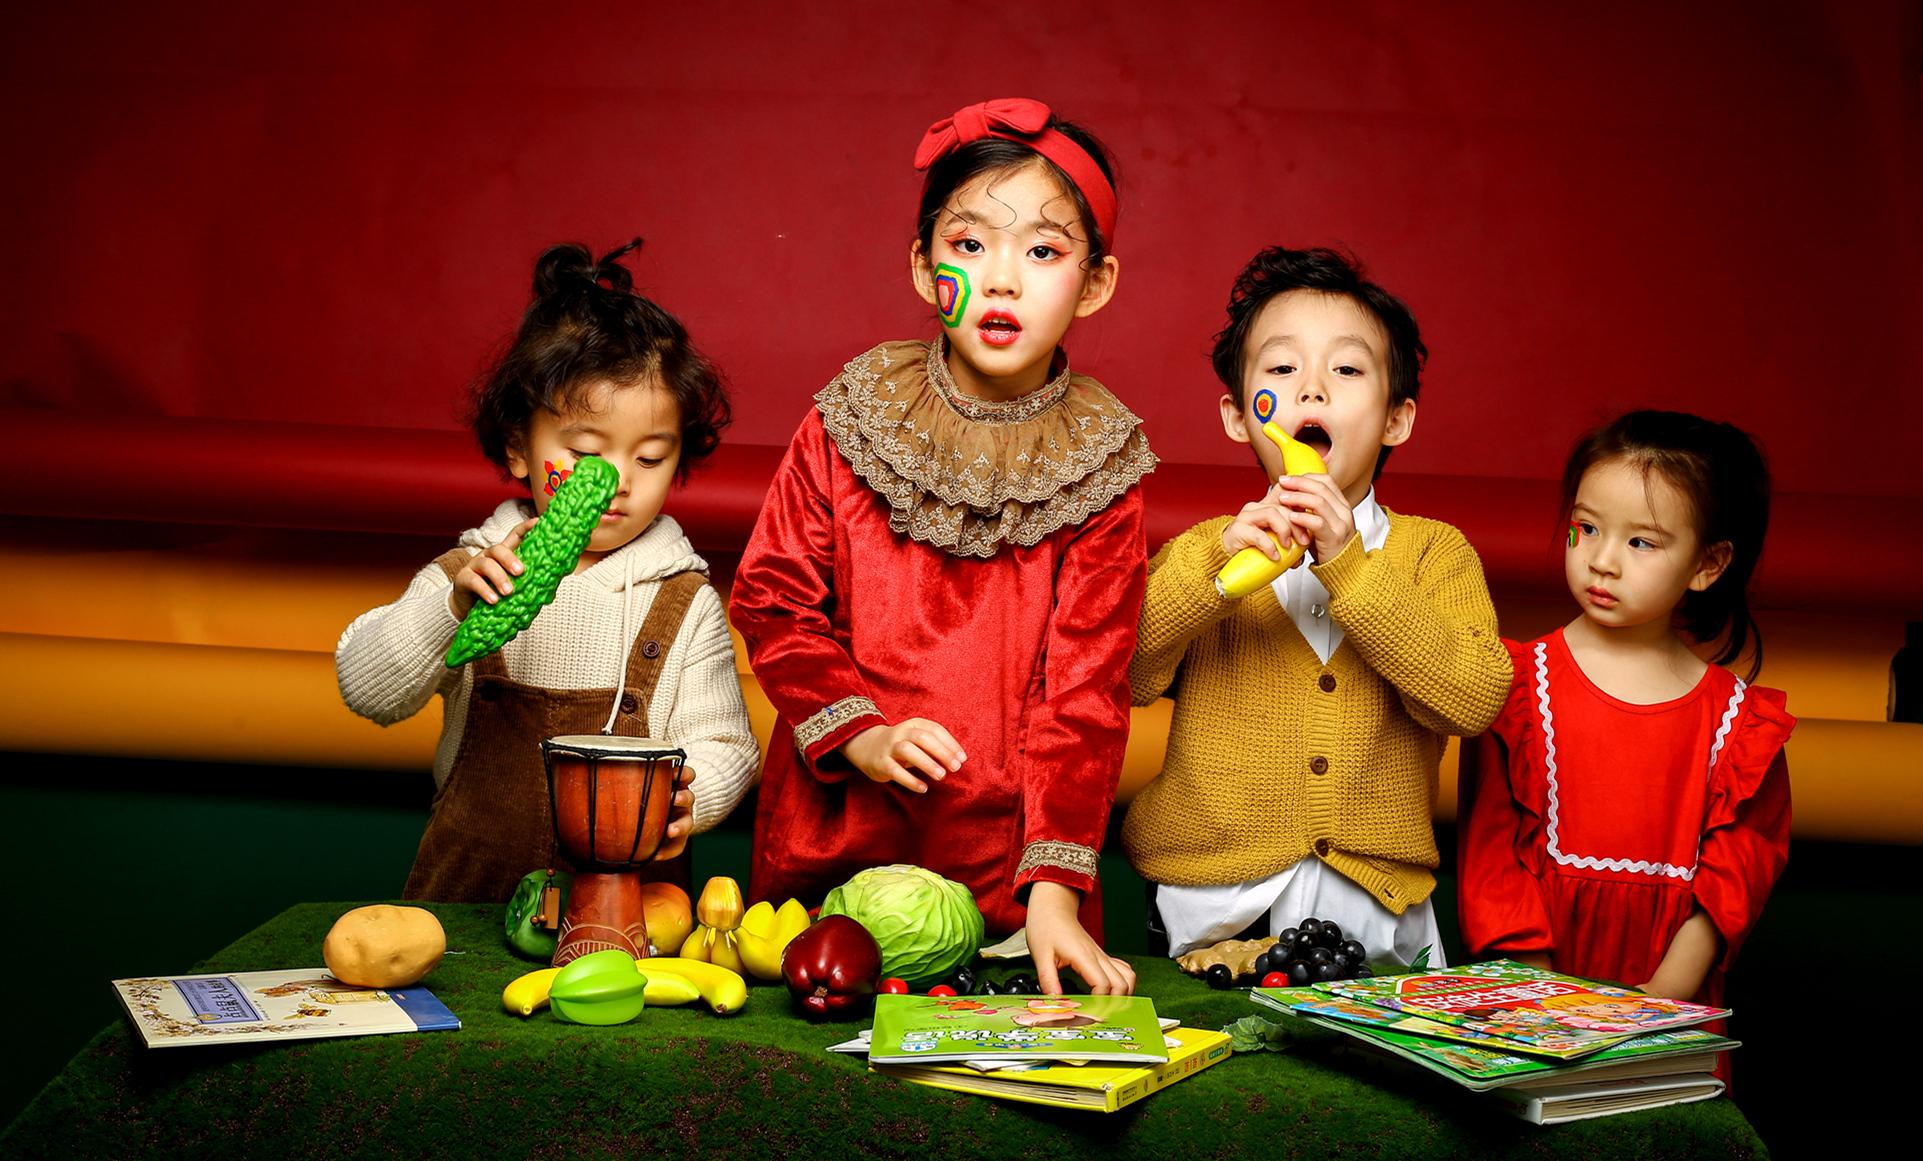 阅读是人类进步的捷径,京典思塾从小培养孩子读书的好习惯